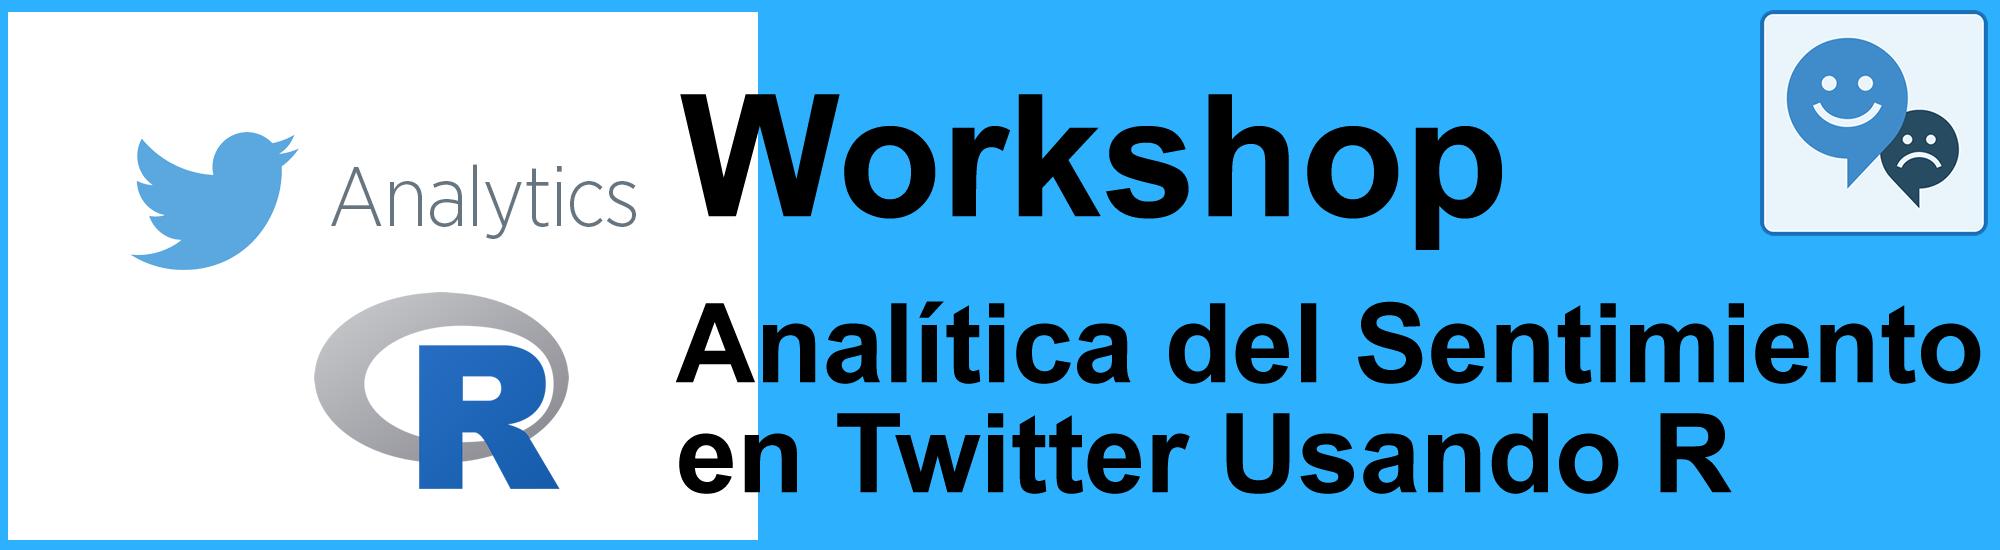 Workshop_twitter_analytics